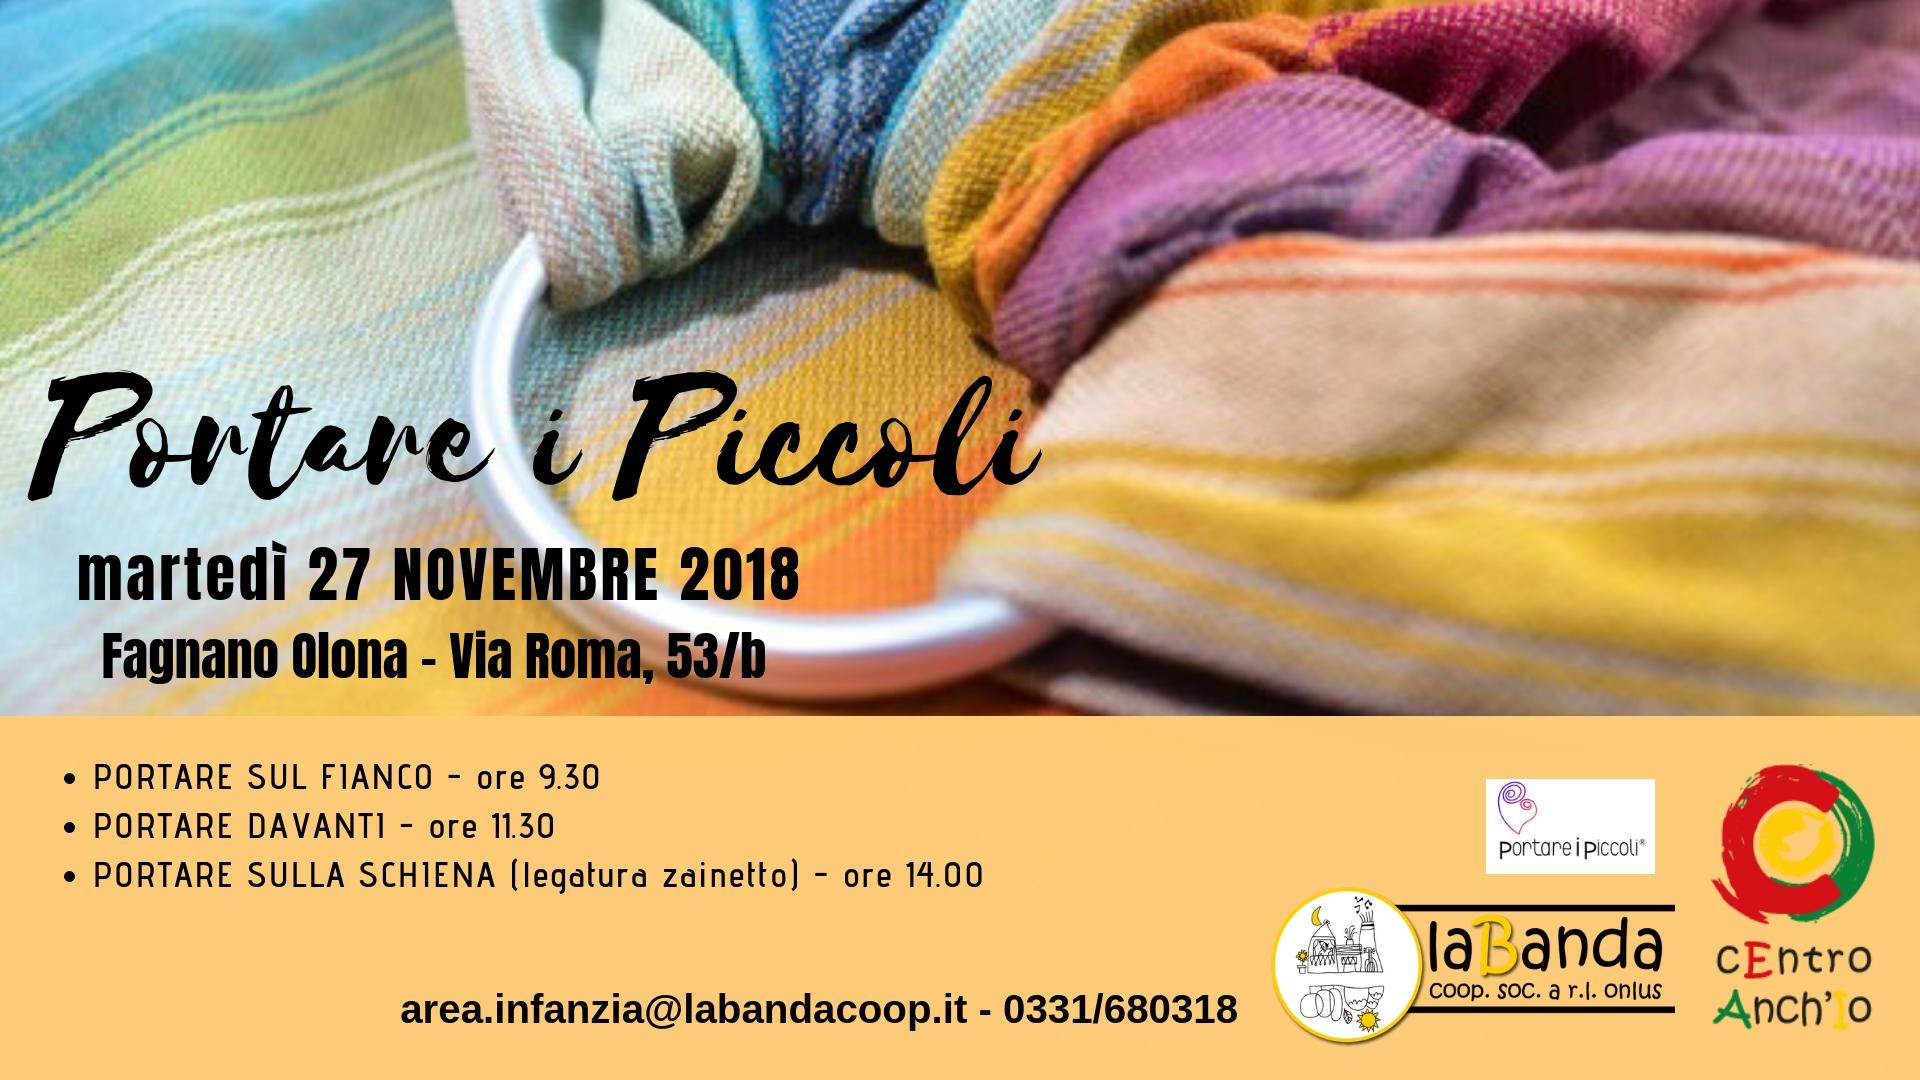 Martedì 27 Novembre – Giornata dedicata PORTARE I PICCOLI – presso cEntro Anch'Io